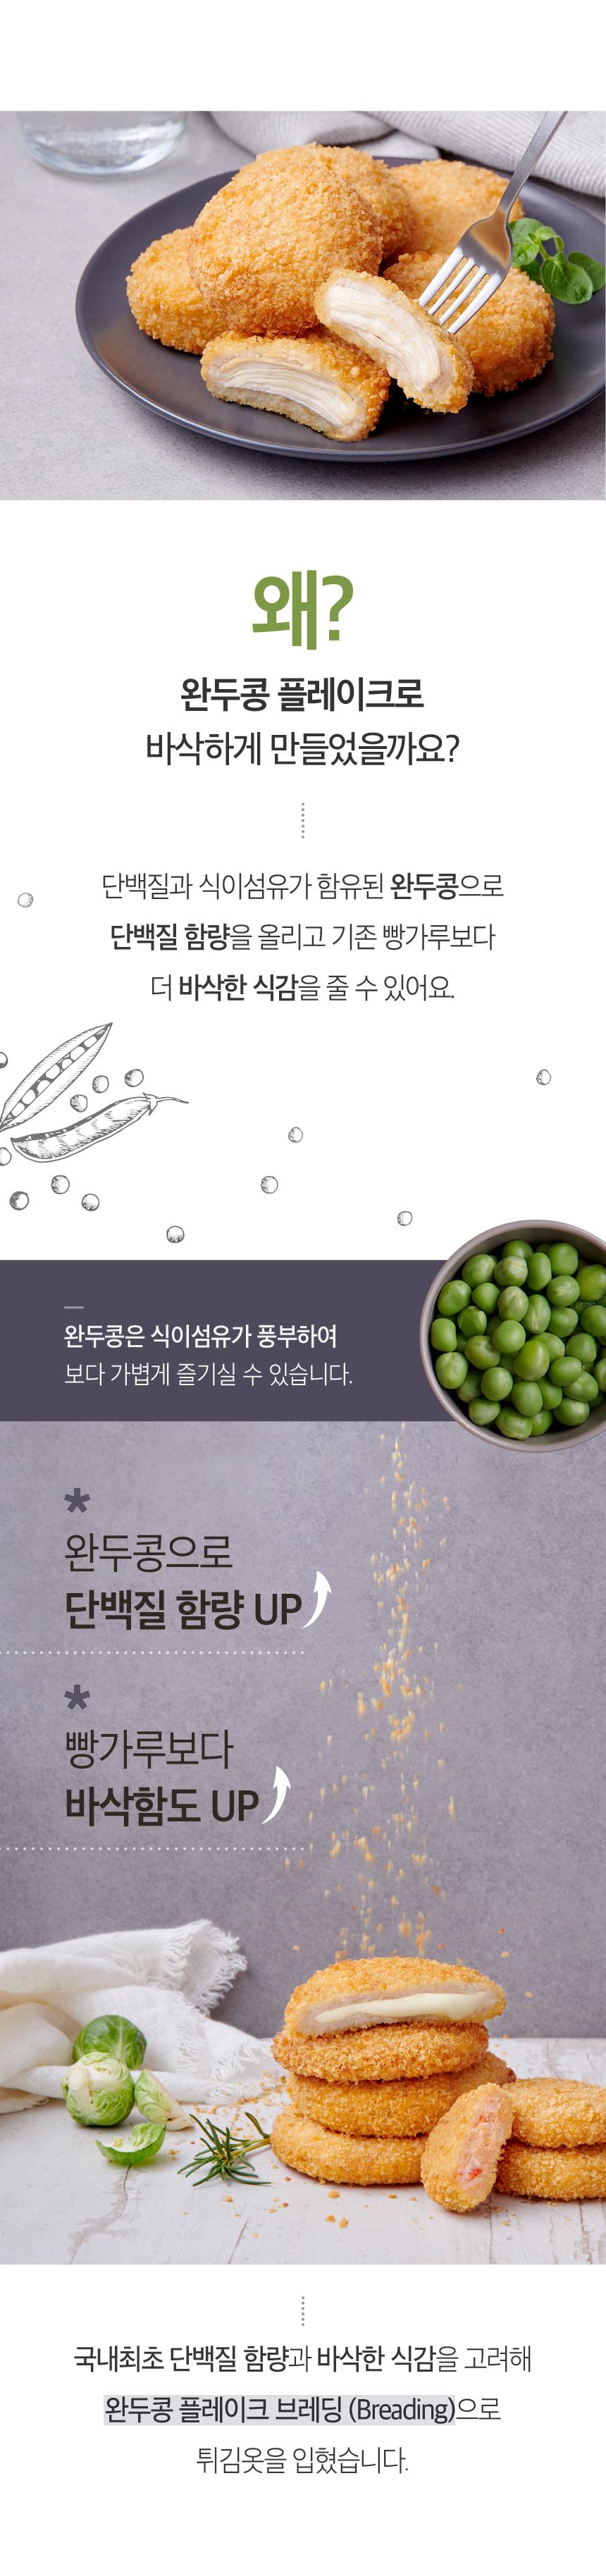 완두콩플레이크